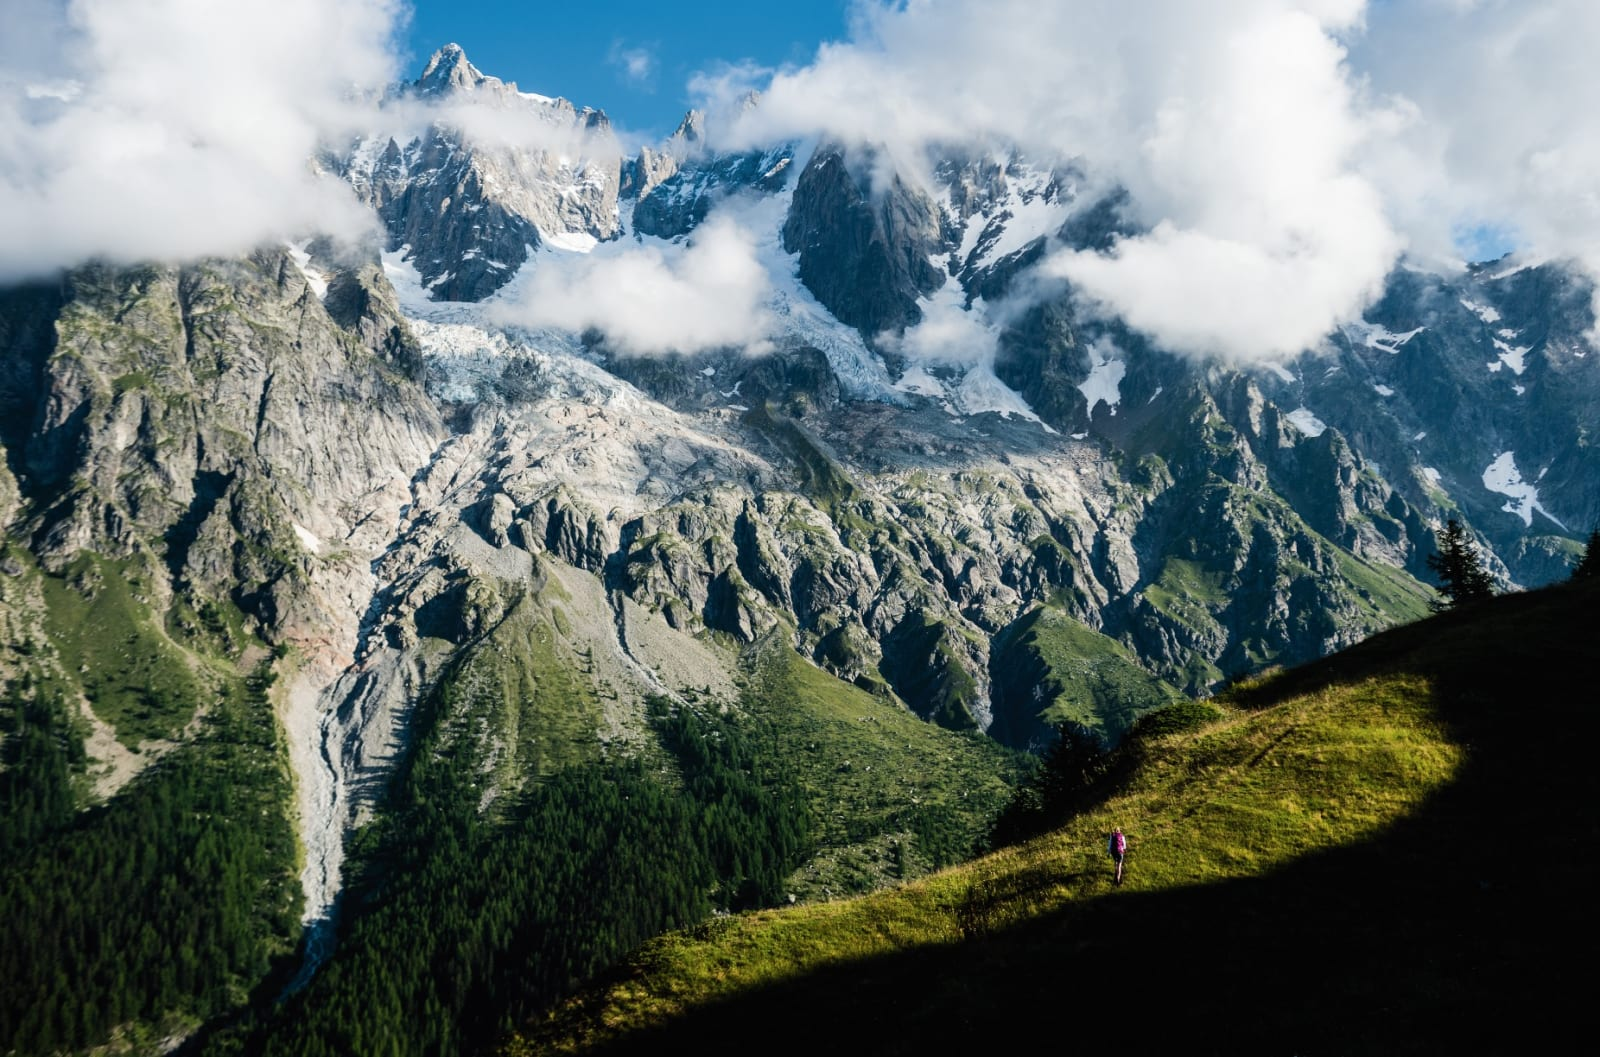 FINE FORHOLD: Elle Cochrane vandrer på Tour du Mont Blanc i Val Ferret. Den vakre dalveien Val Ferret ligger bare noen kilometer fra Courmayeur i italienske Aostadalen og gir enkel tilgang til fantastiske vandringer med utsikt over Mont Blanc-massivet.